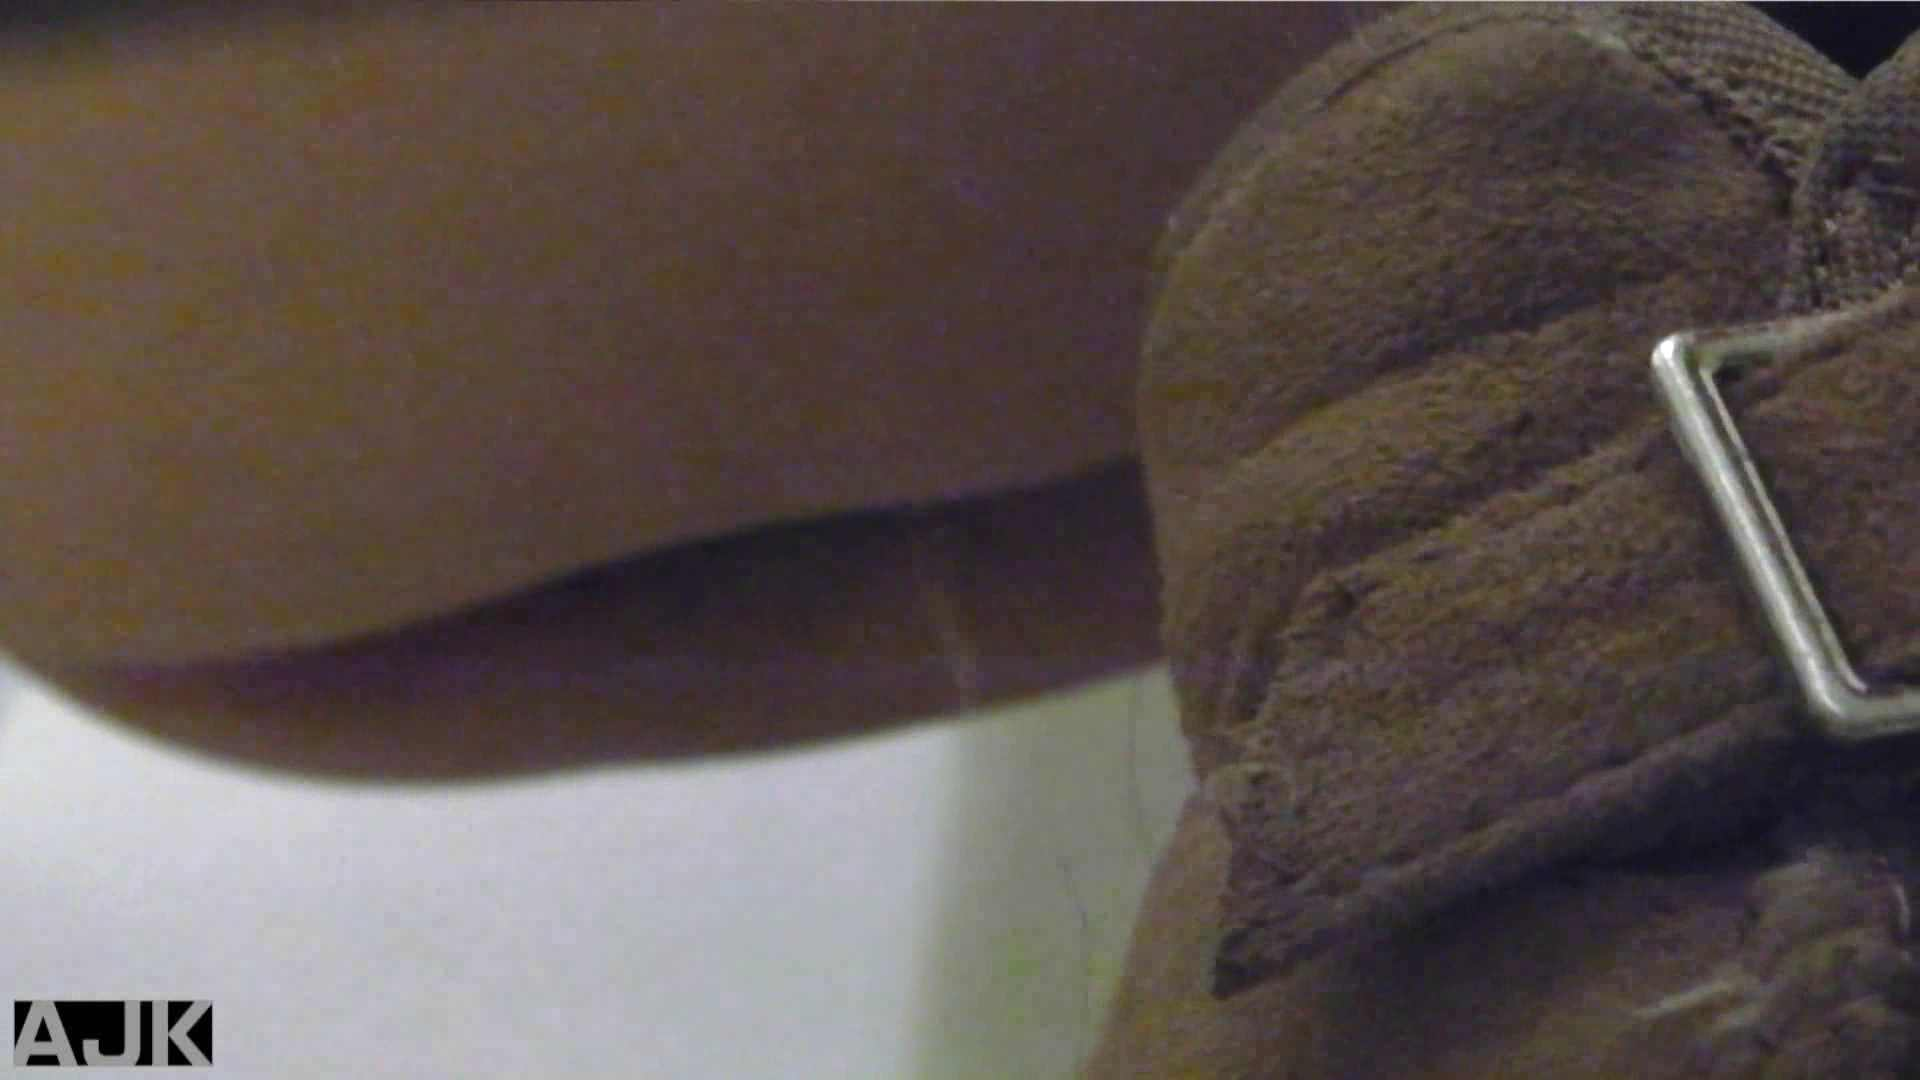 隣国上階級エリアの令嬢たちが集うデパートお手洗い Vol.28 お手洗い SEX無修正画像 90連発 20